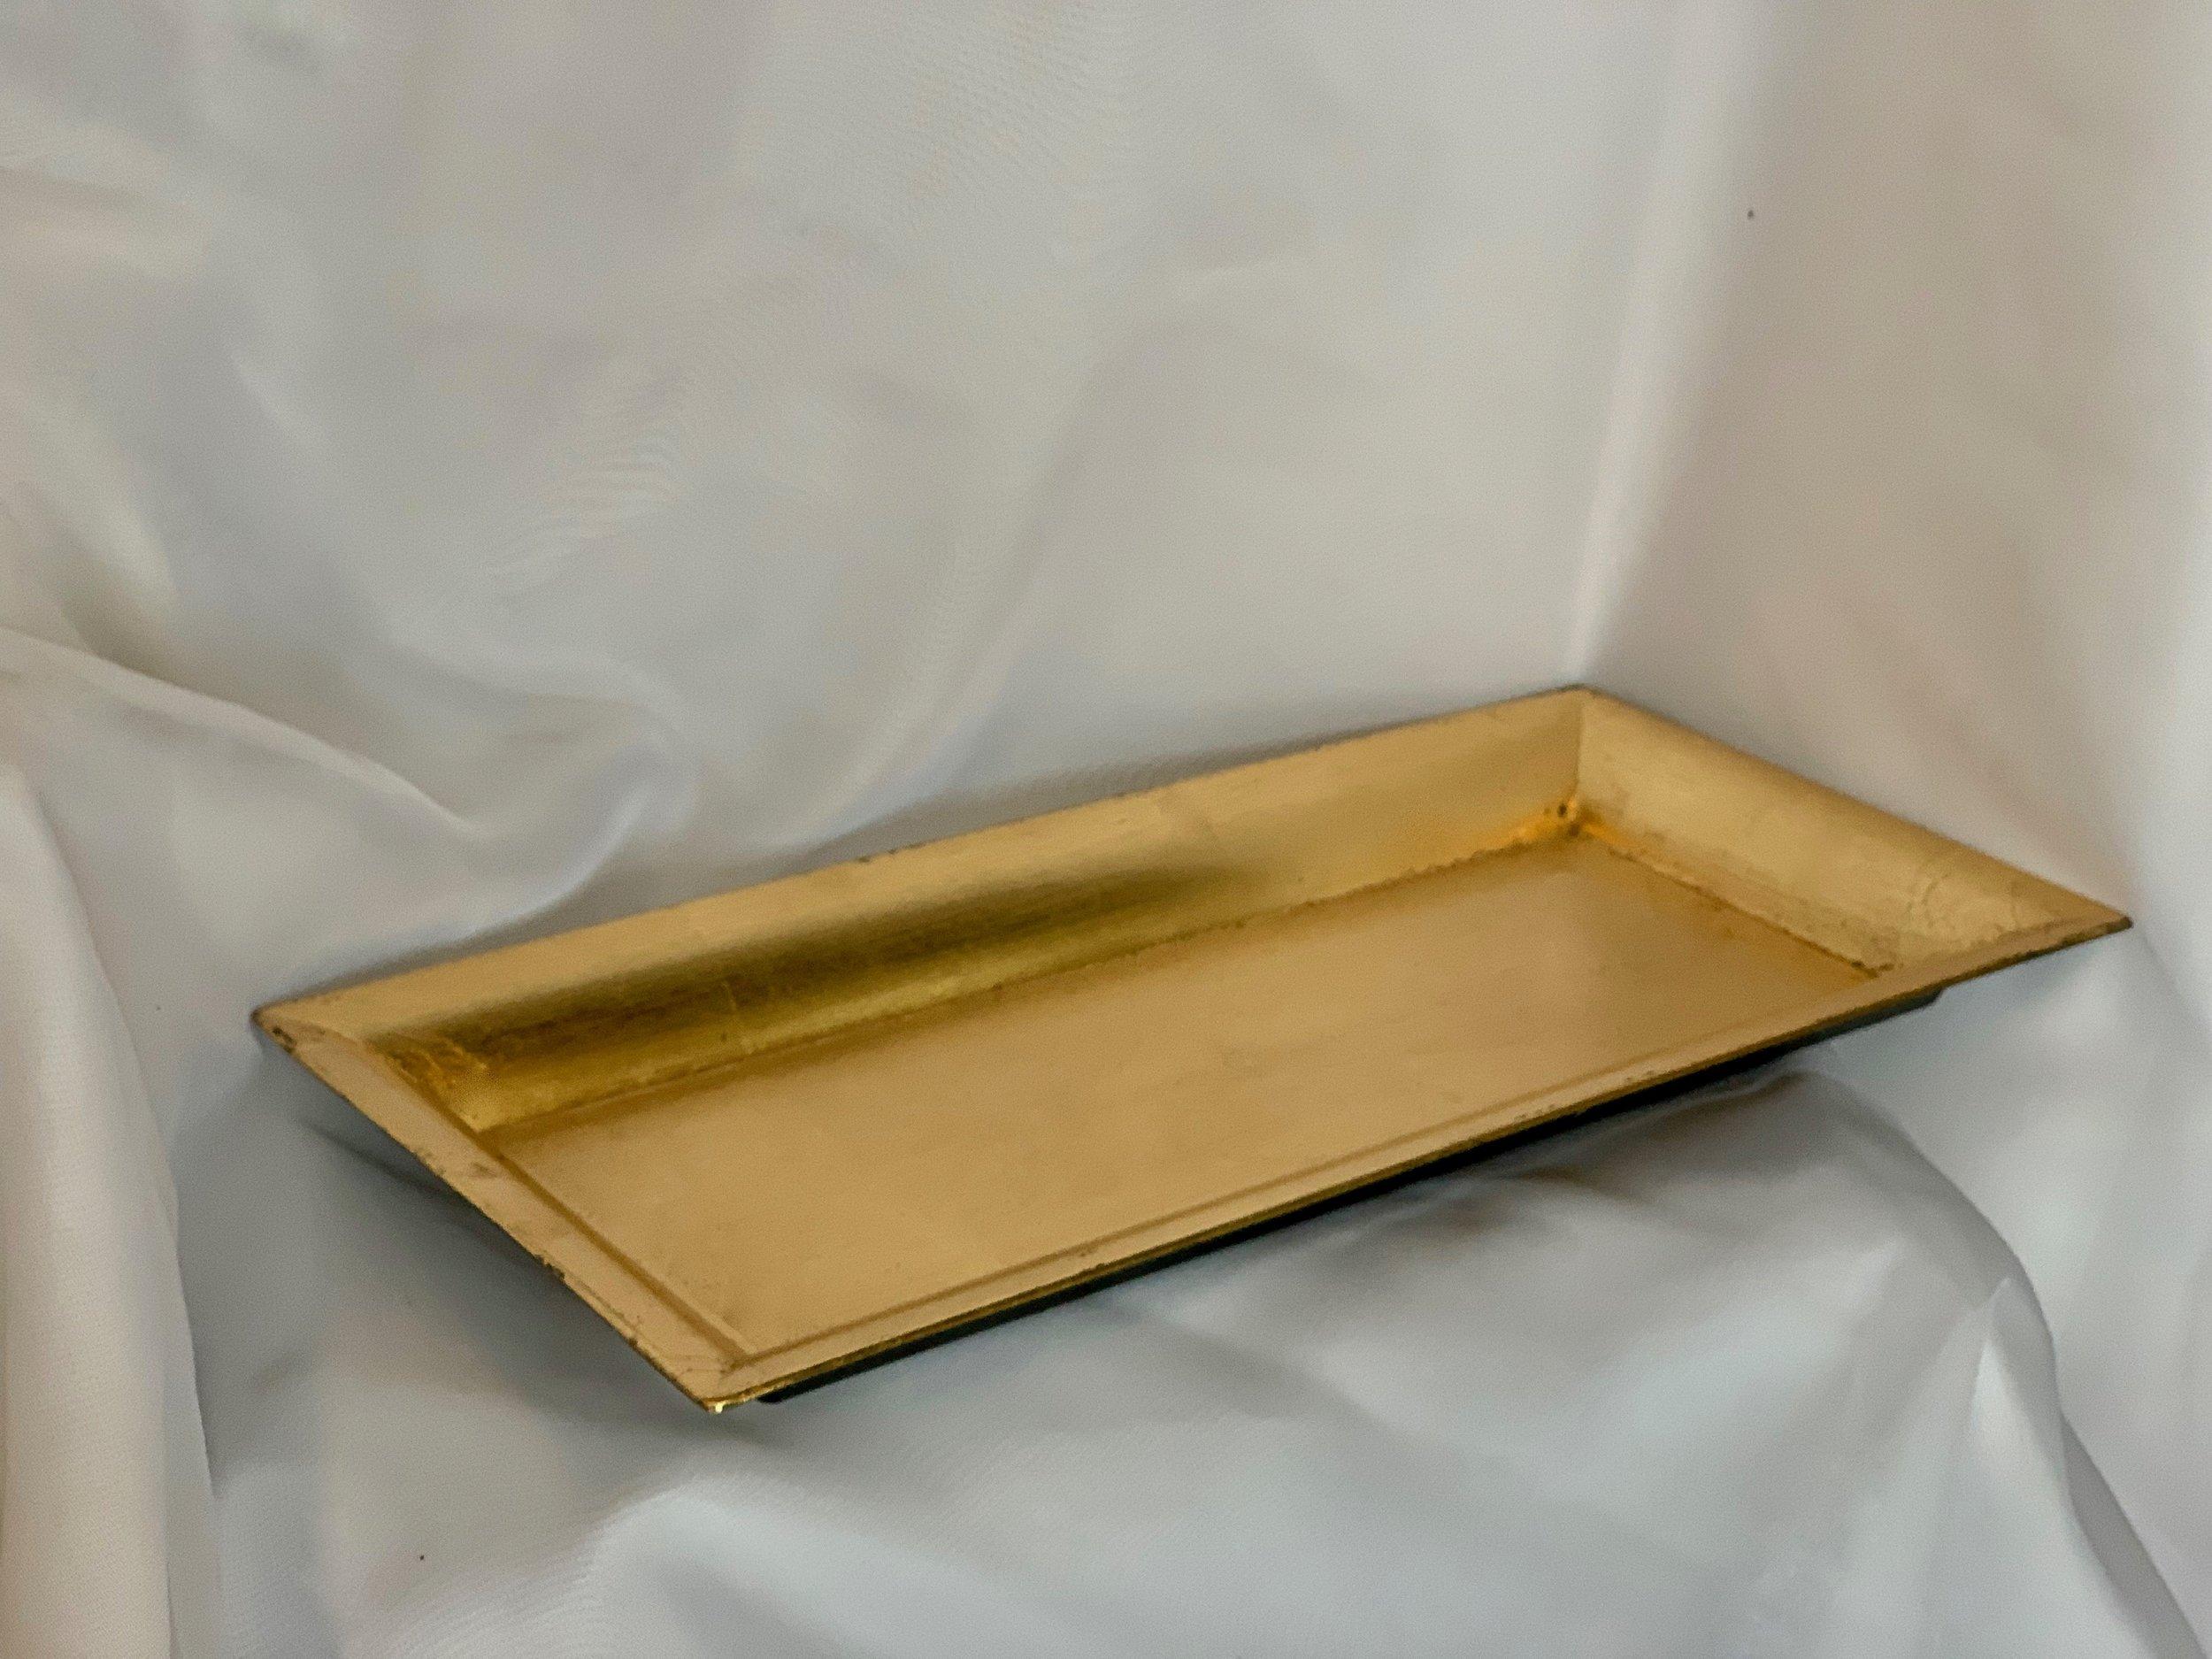 Gold Tray - $5